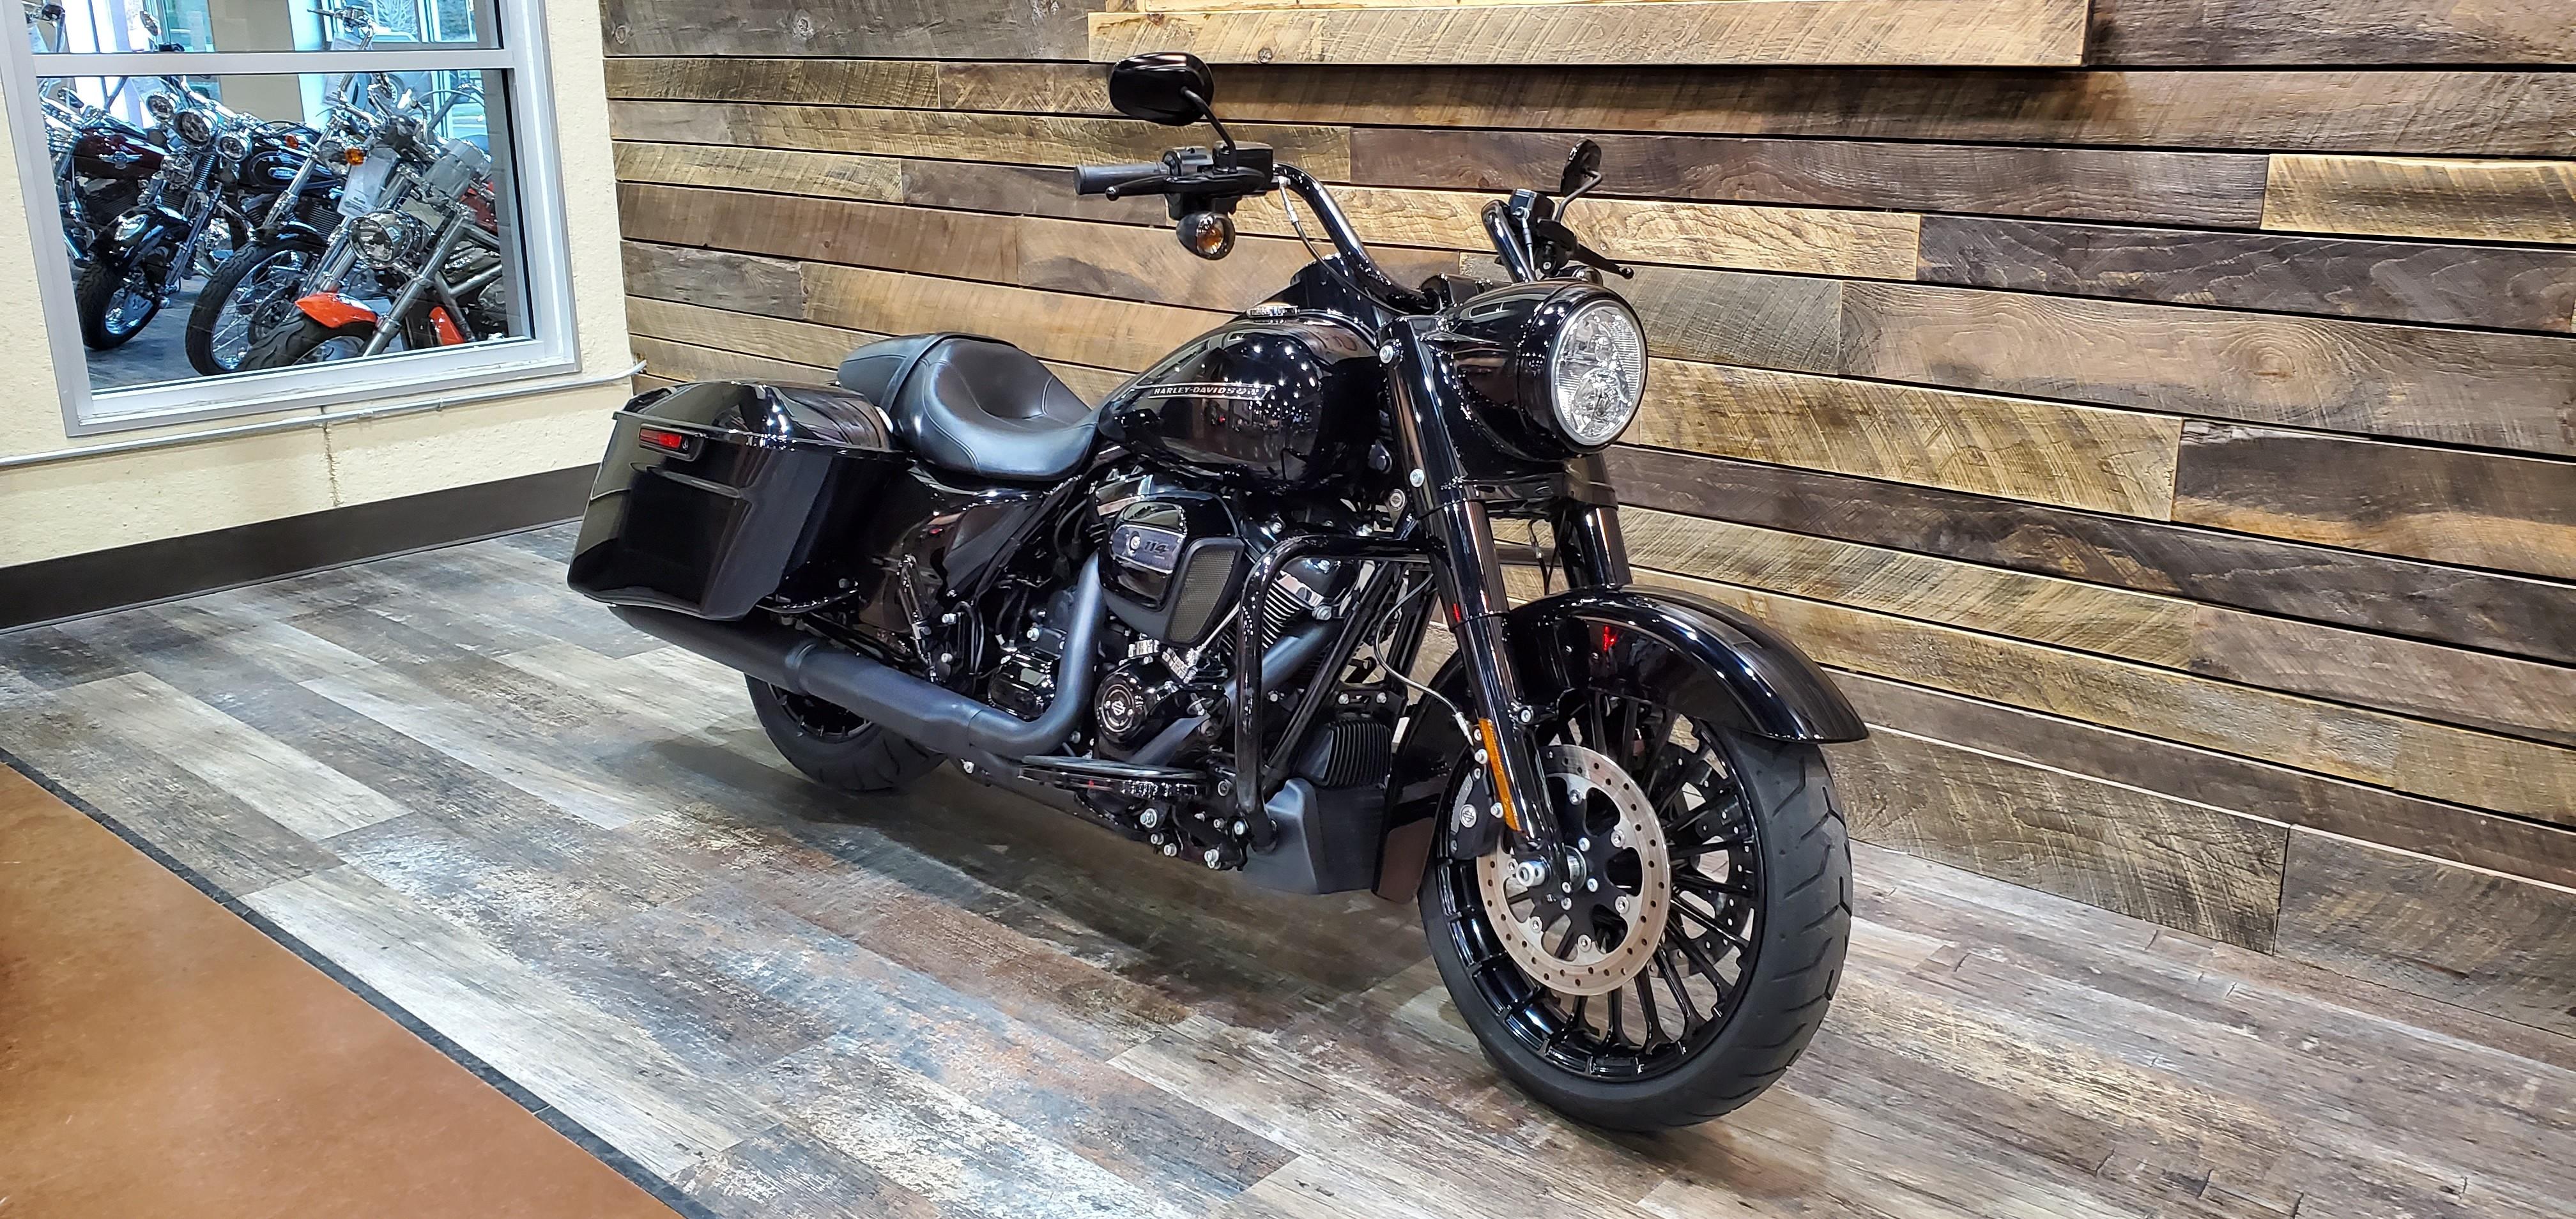 2019 Harley-Davidson Road King Special at Bull Falls Harley-Davidson